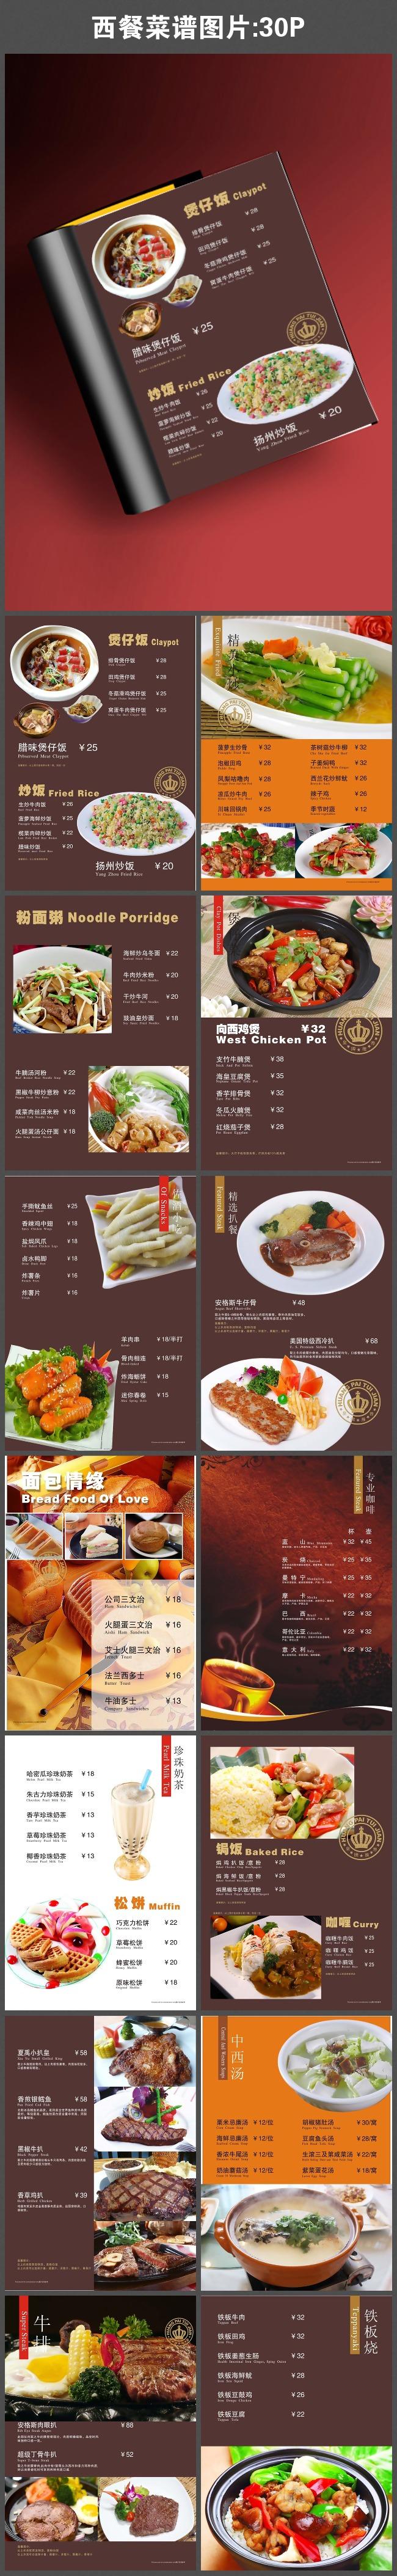 西餐菜谱图片模板下载(图片编号:11650936)_菜单 菜谱